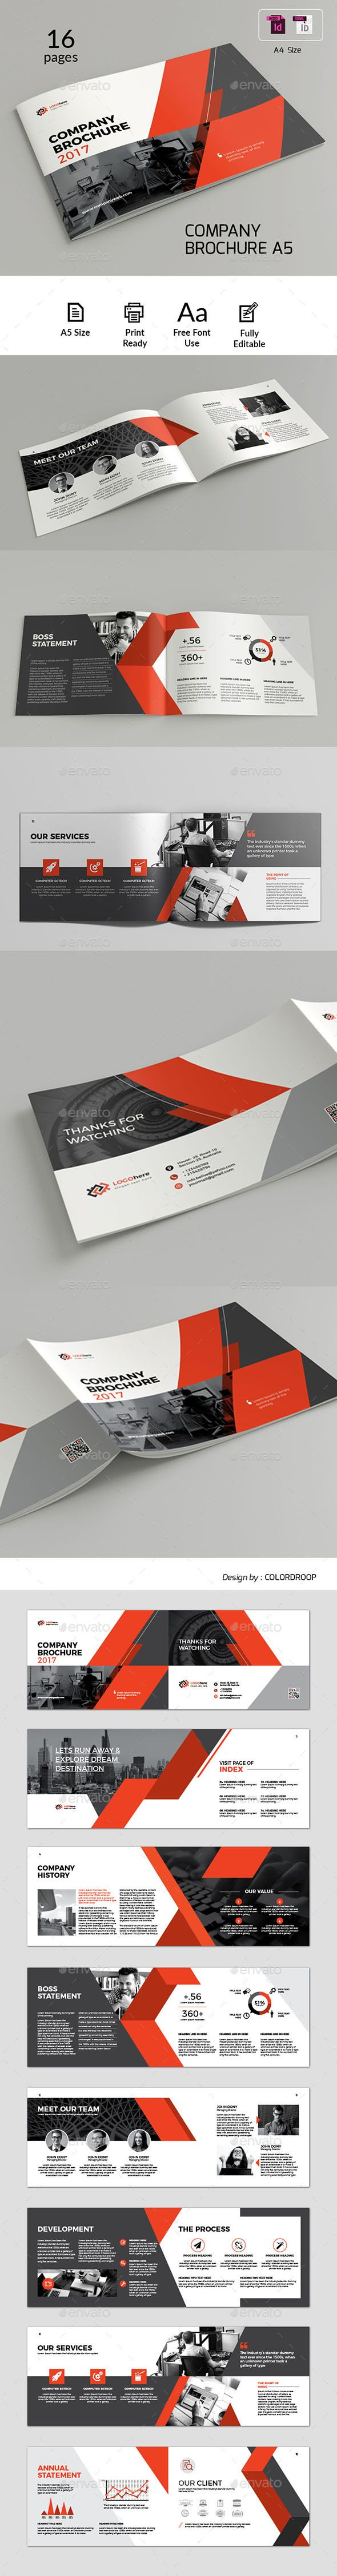 A5 Landscape Brochure Template InDesign INDD | Design | Pinterest ...